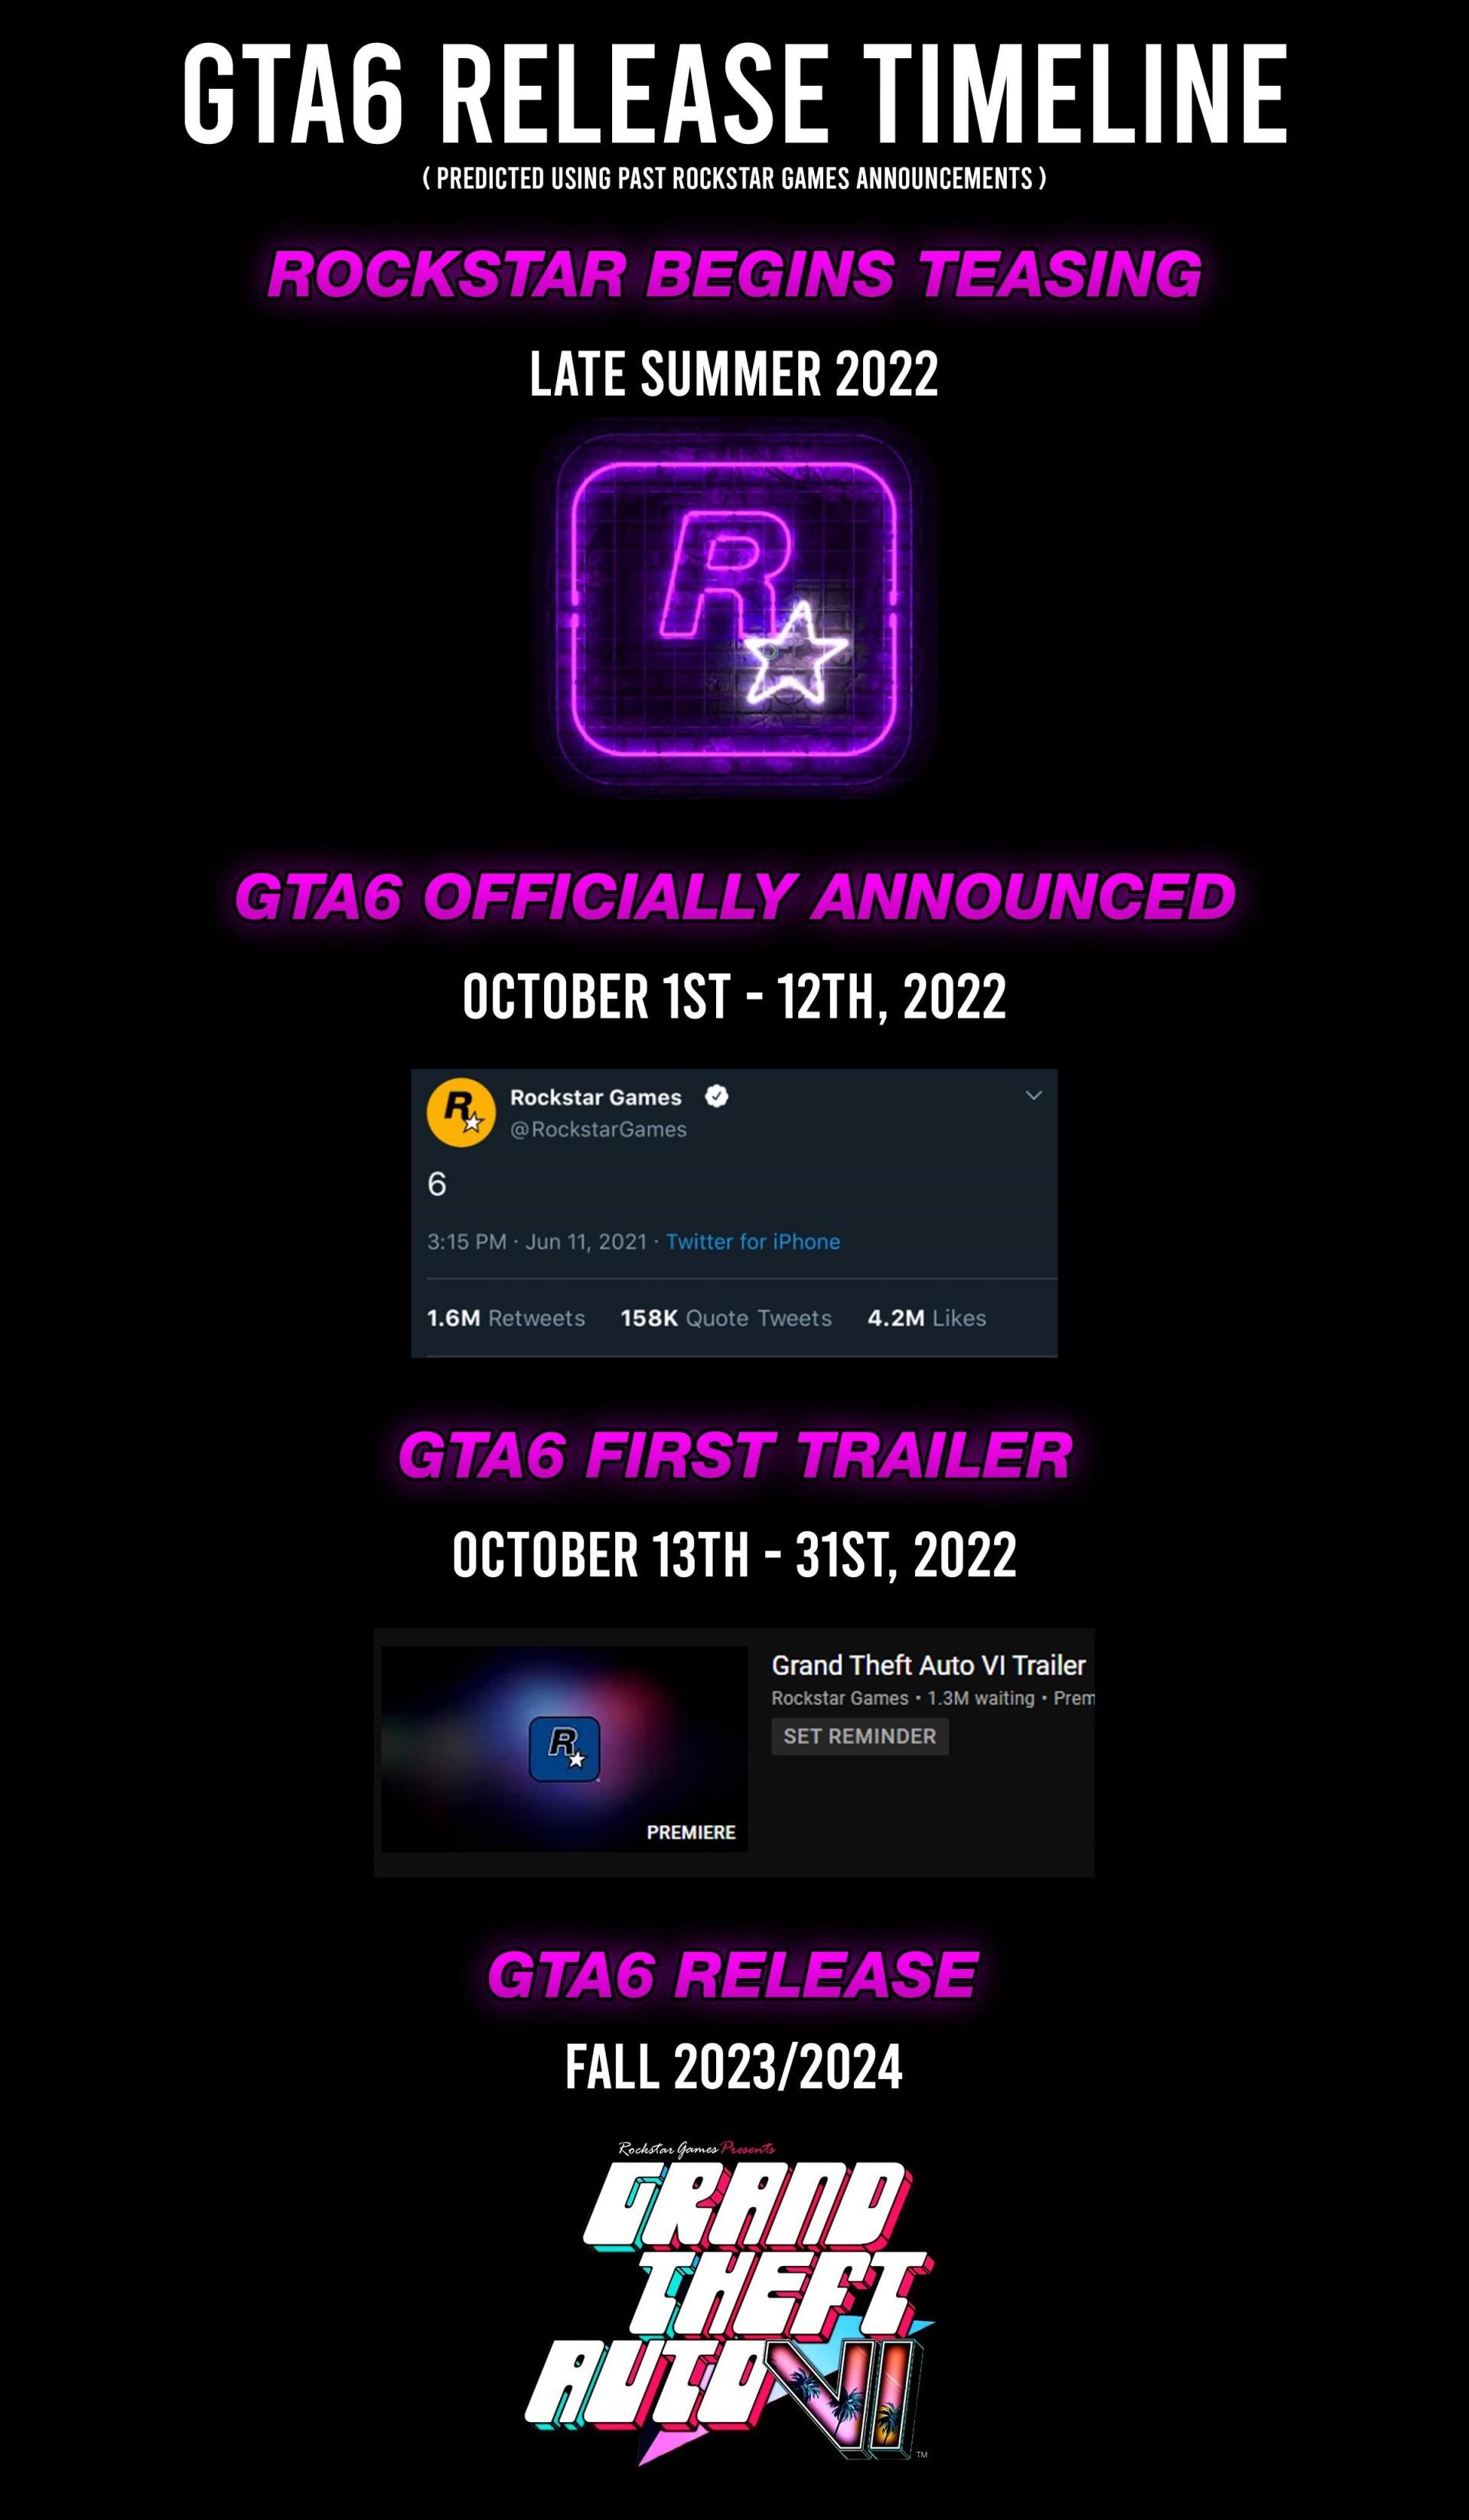 Фанаты GTA считают что первый трейлер GTA 6 будет показан осенью 2022 года